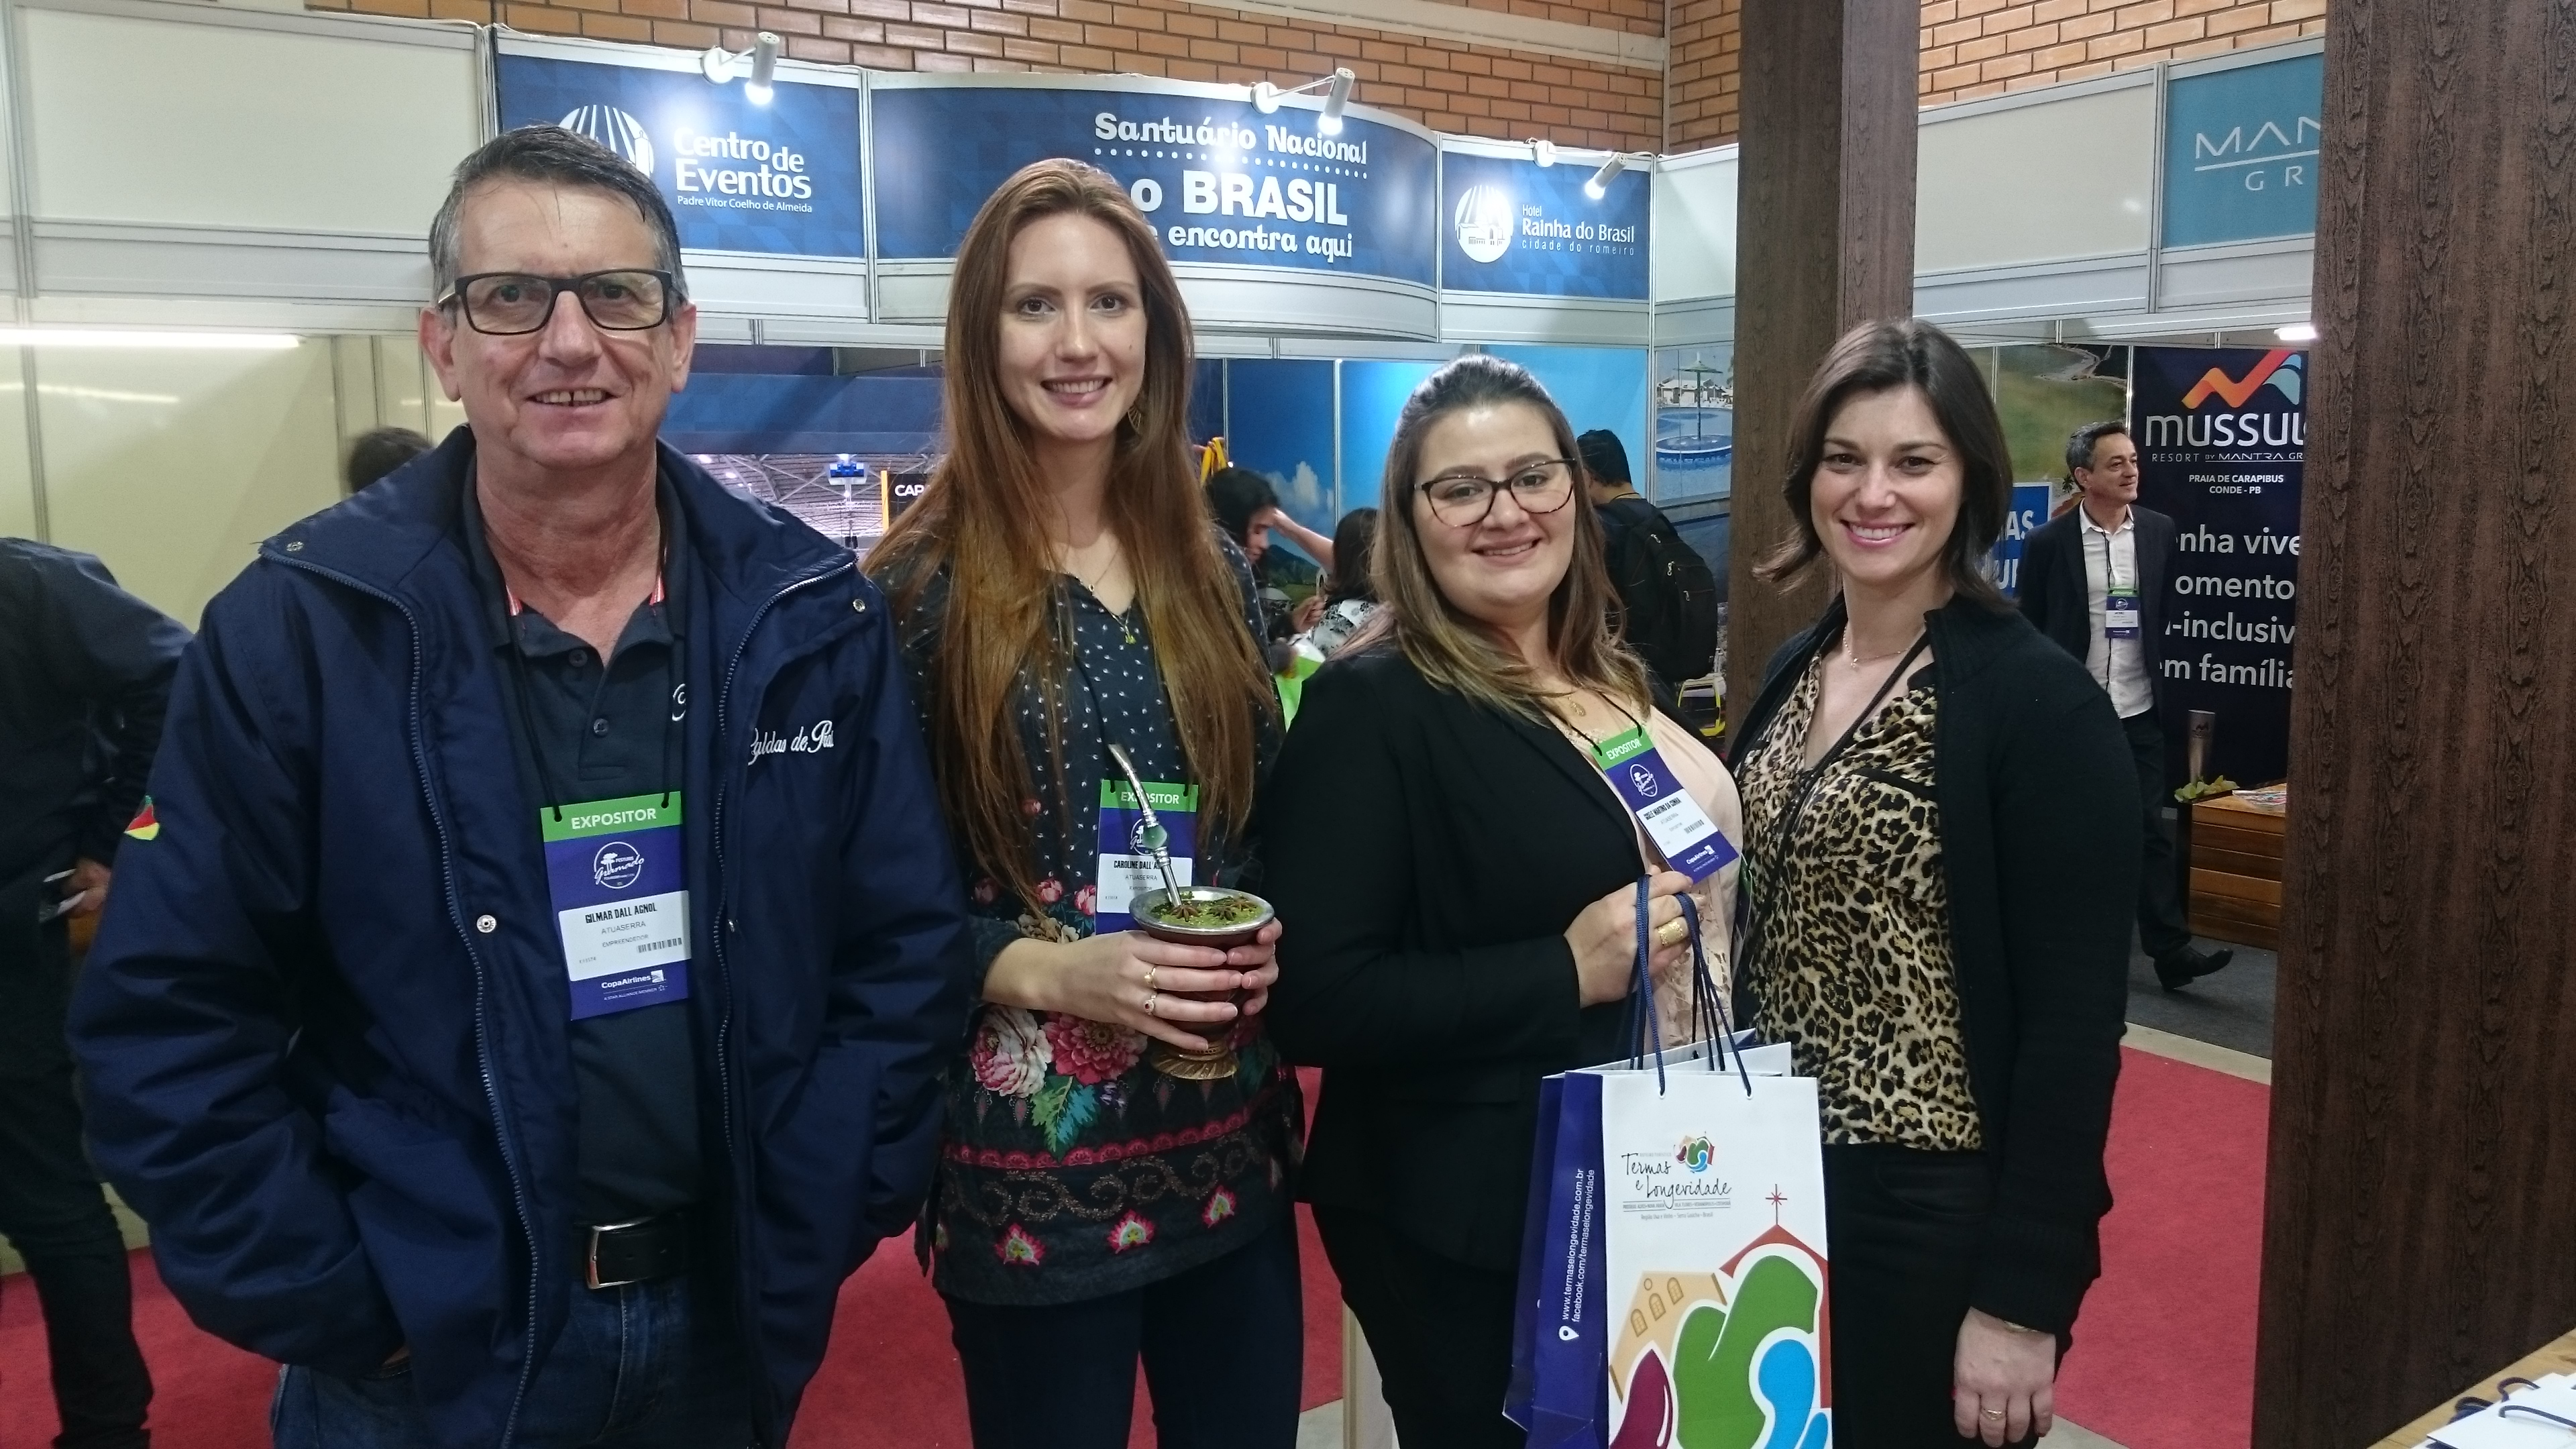 Gilmar Dall Agnol, Caroline Dall Agnol, da Autoserra, com Bruna Tres, da secretaria de Turismo de Ctaporã, e Ewillyn Buaxihm, da secretaria de Turismo de Nova Praya